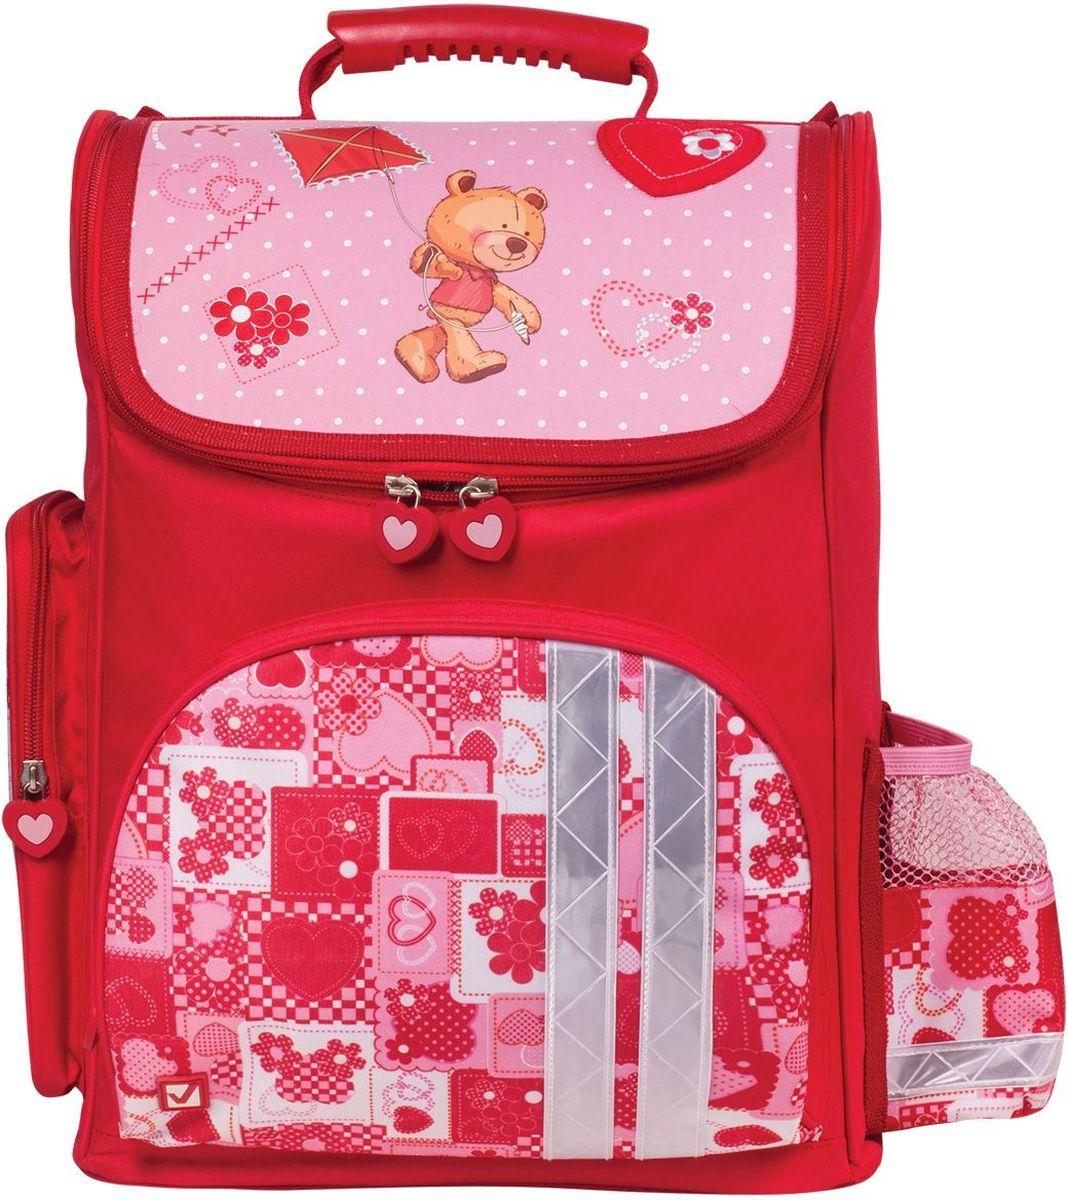 Brauberg Ранец школьный Мишка 22531572523WDРанец Мишка предназначен для девочек 7-10 лет. Он выполнен в красно-розовом цвете и дополнен необычным принтом на карманах. Благодаря такой яркой расцветке, с этим ранцем ребенок всегда будет выглядеть нарядно.•1 отделение, 3 кармана. •Уплотненные боковины из EVA. •Формоустойчивая спинка из EVA. •Светоотражающие элементы с четырех сторон ранца. •Карточка для персональных данных школьника. •Дно из плотного водонепроницаемого материала. •Вес ранца - 0,8 кг. •Размер: 38х29х16 см. •Объем: 20 л.